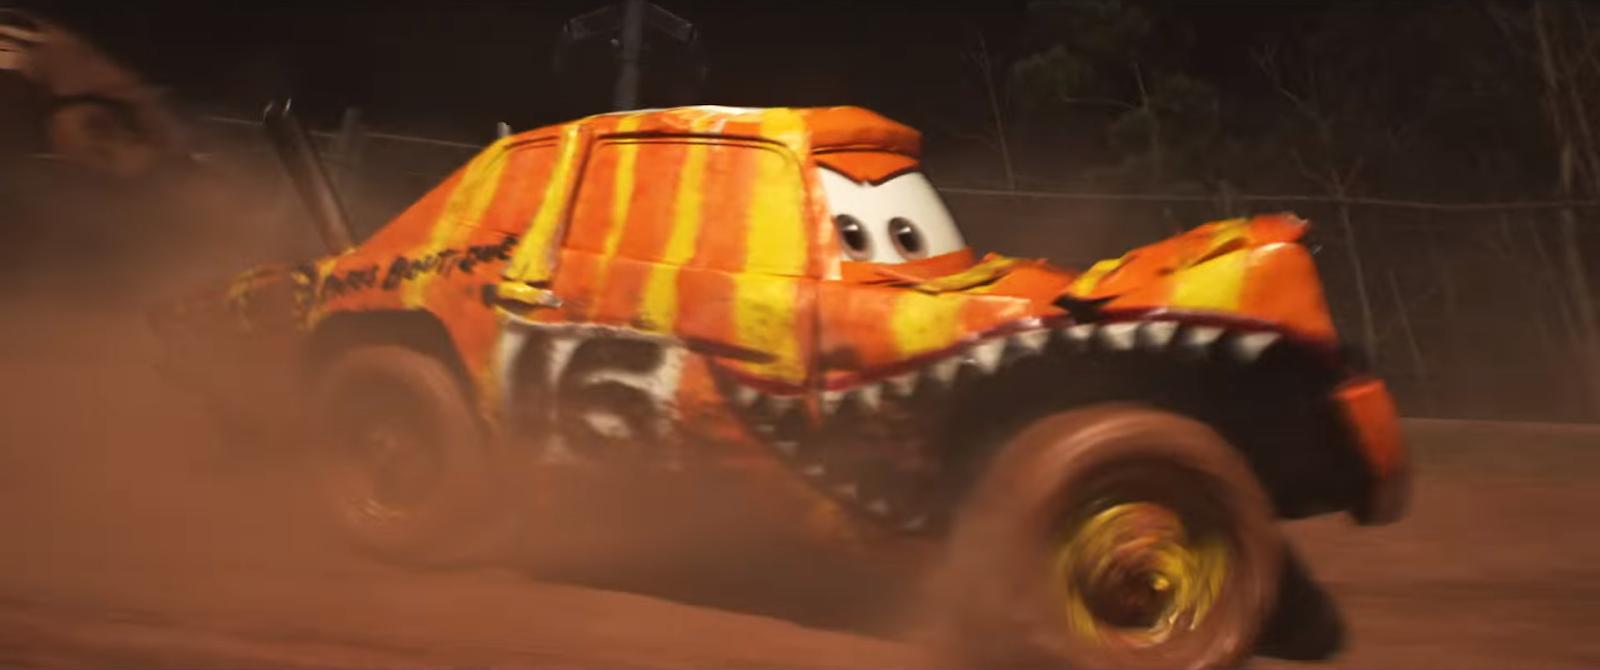 Dan the Pixar Fan Cars 3 Pushover